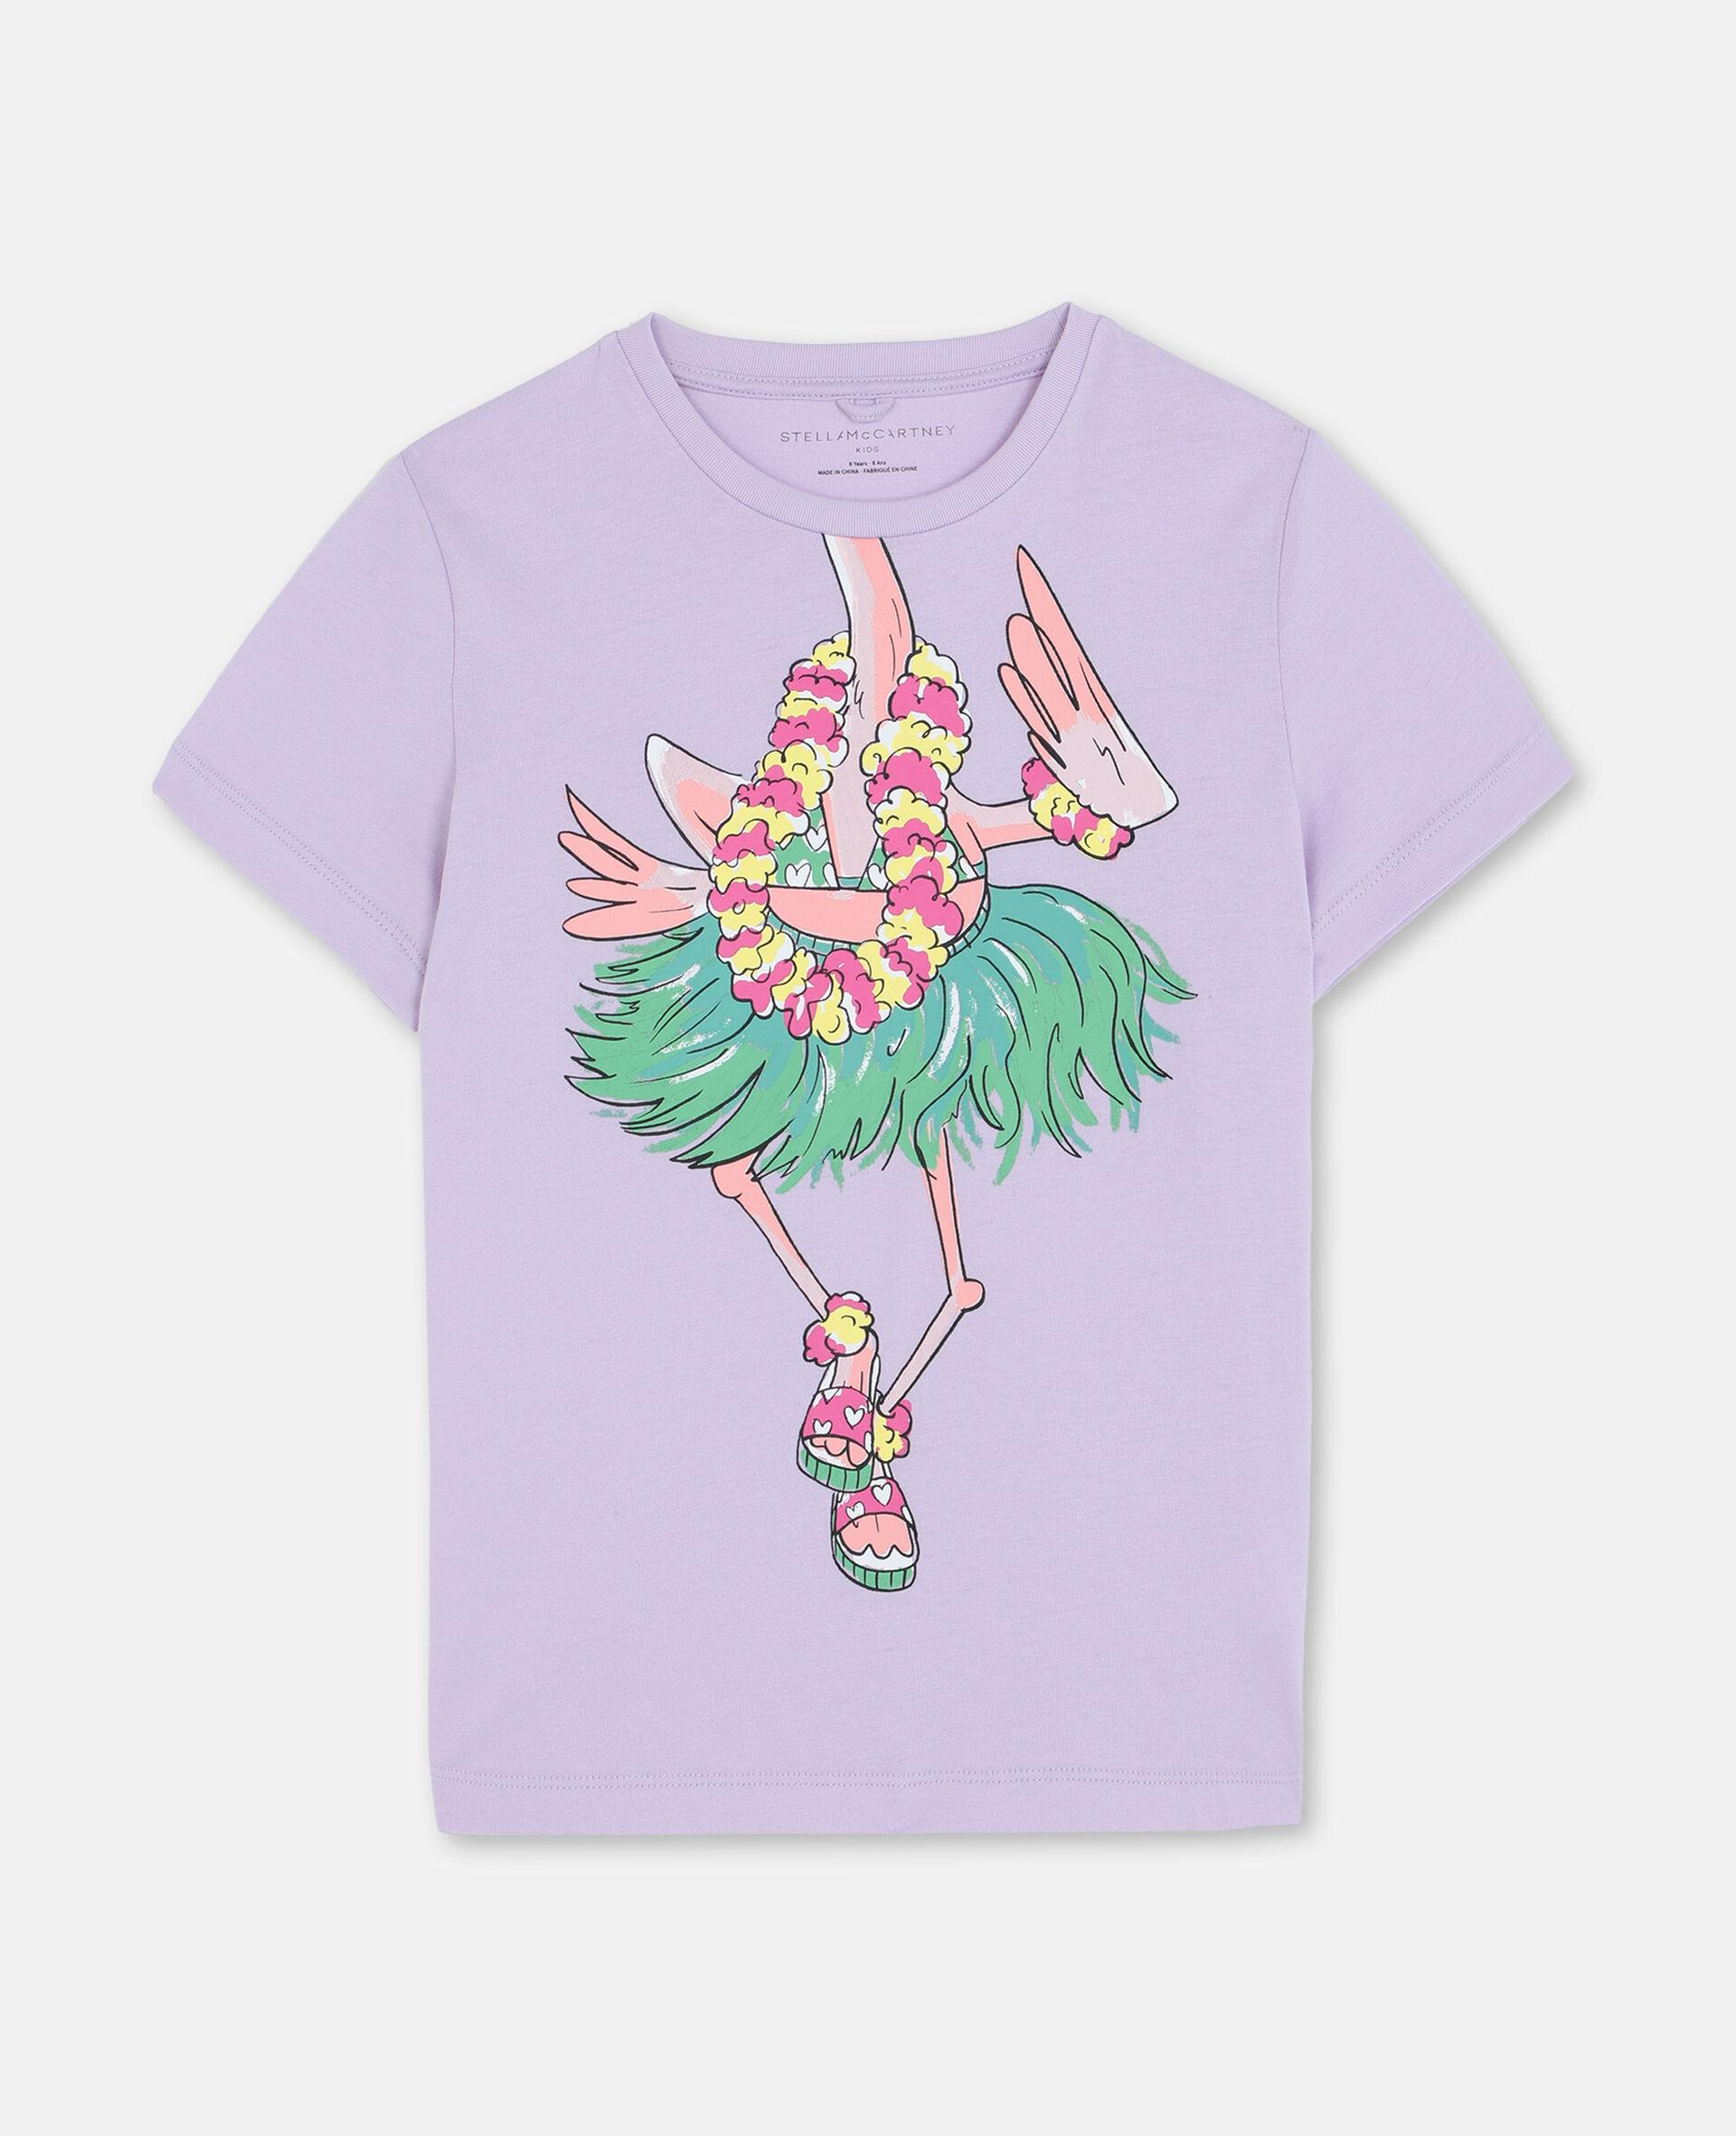 Trompe-L'Oeil Flamingo Cotton T-shirt-Pink-large image number 0